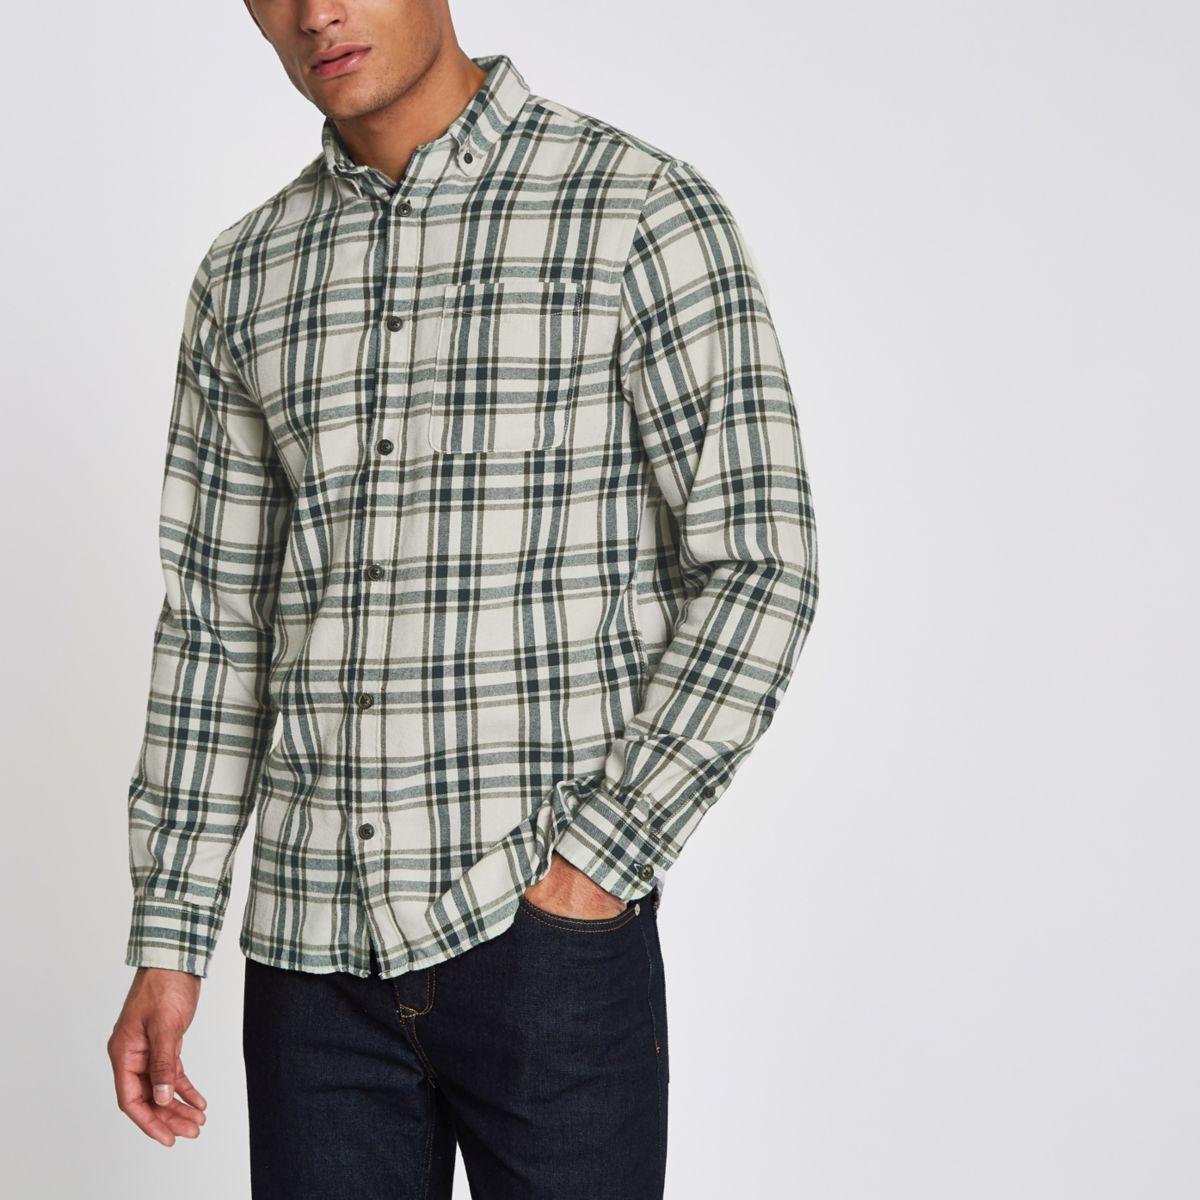 Groen Geruit Overhemd.Jack Jones Originals Groen Geruit Overhemd Overhemden Met